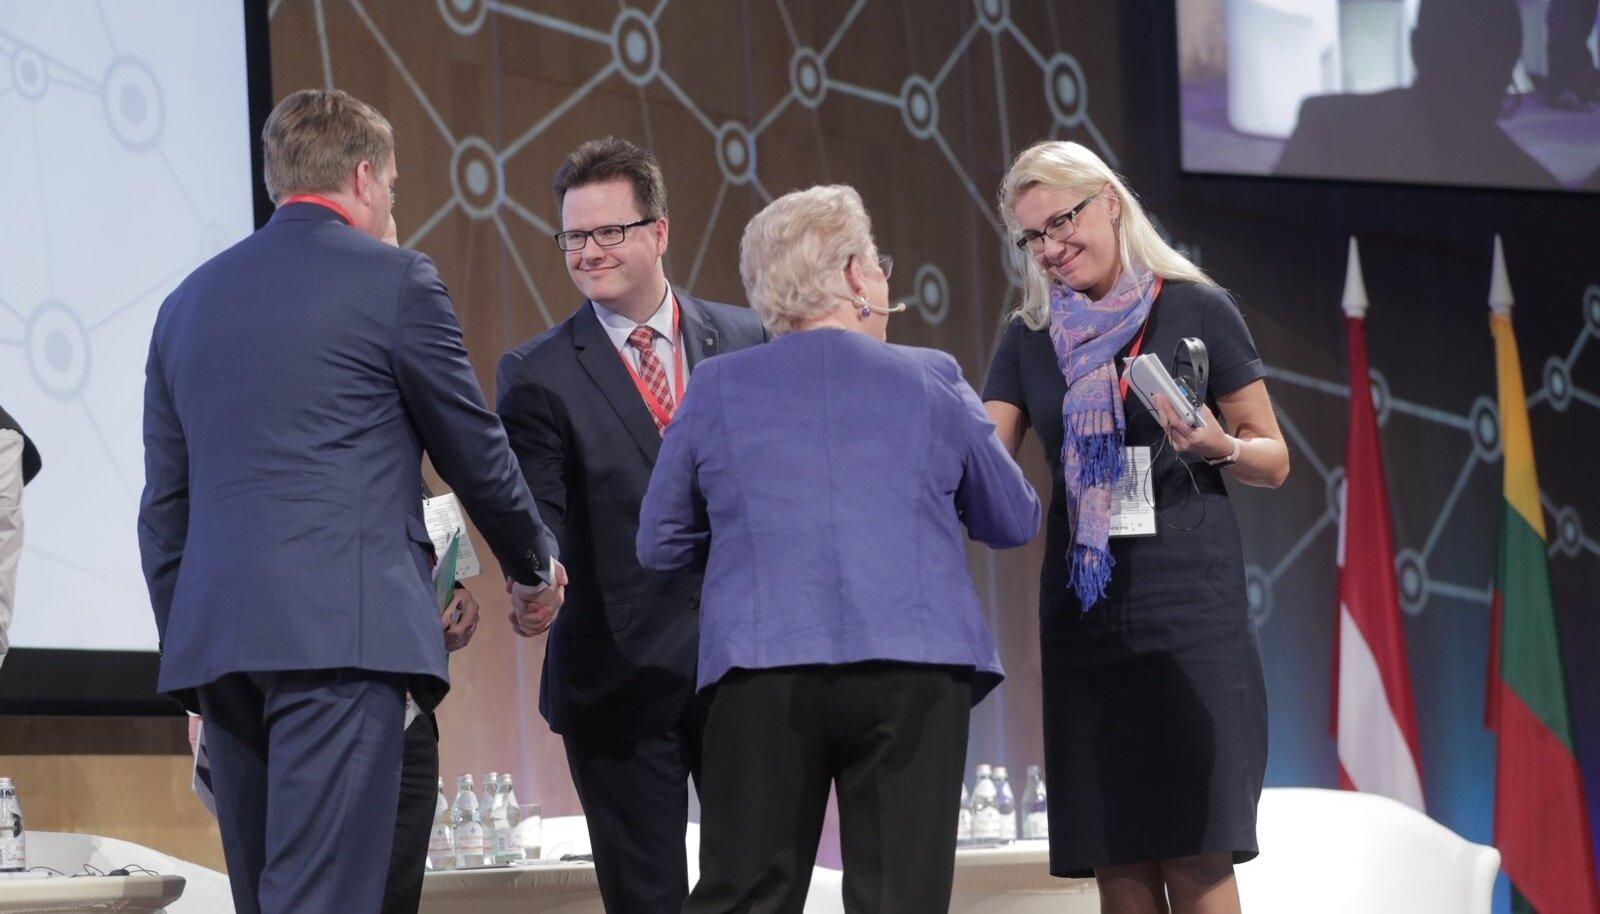 Rail Balticu konverents Riias. Paremalt esimene Eesti majandusminister Kadri Simson.